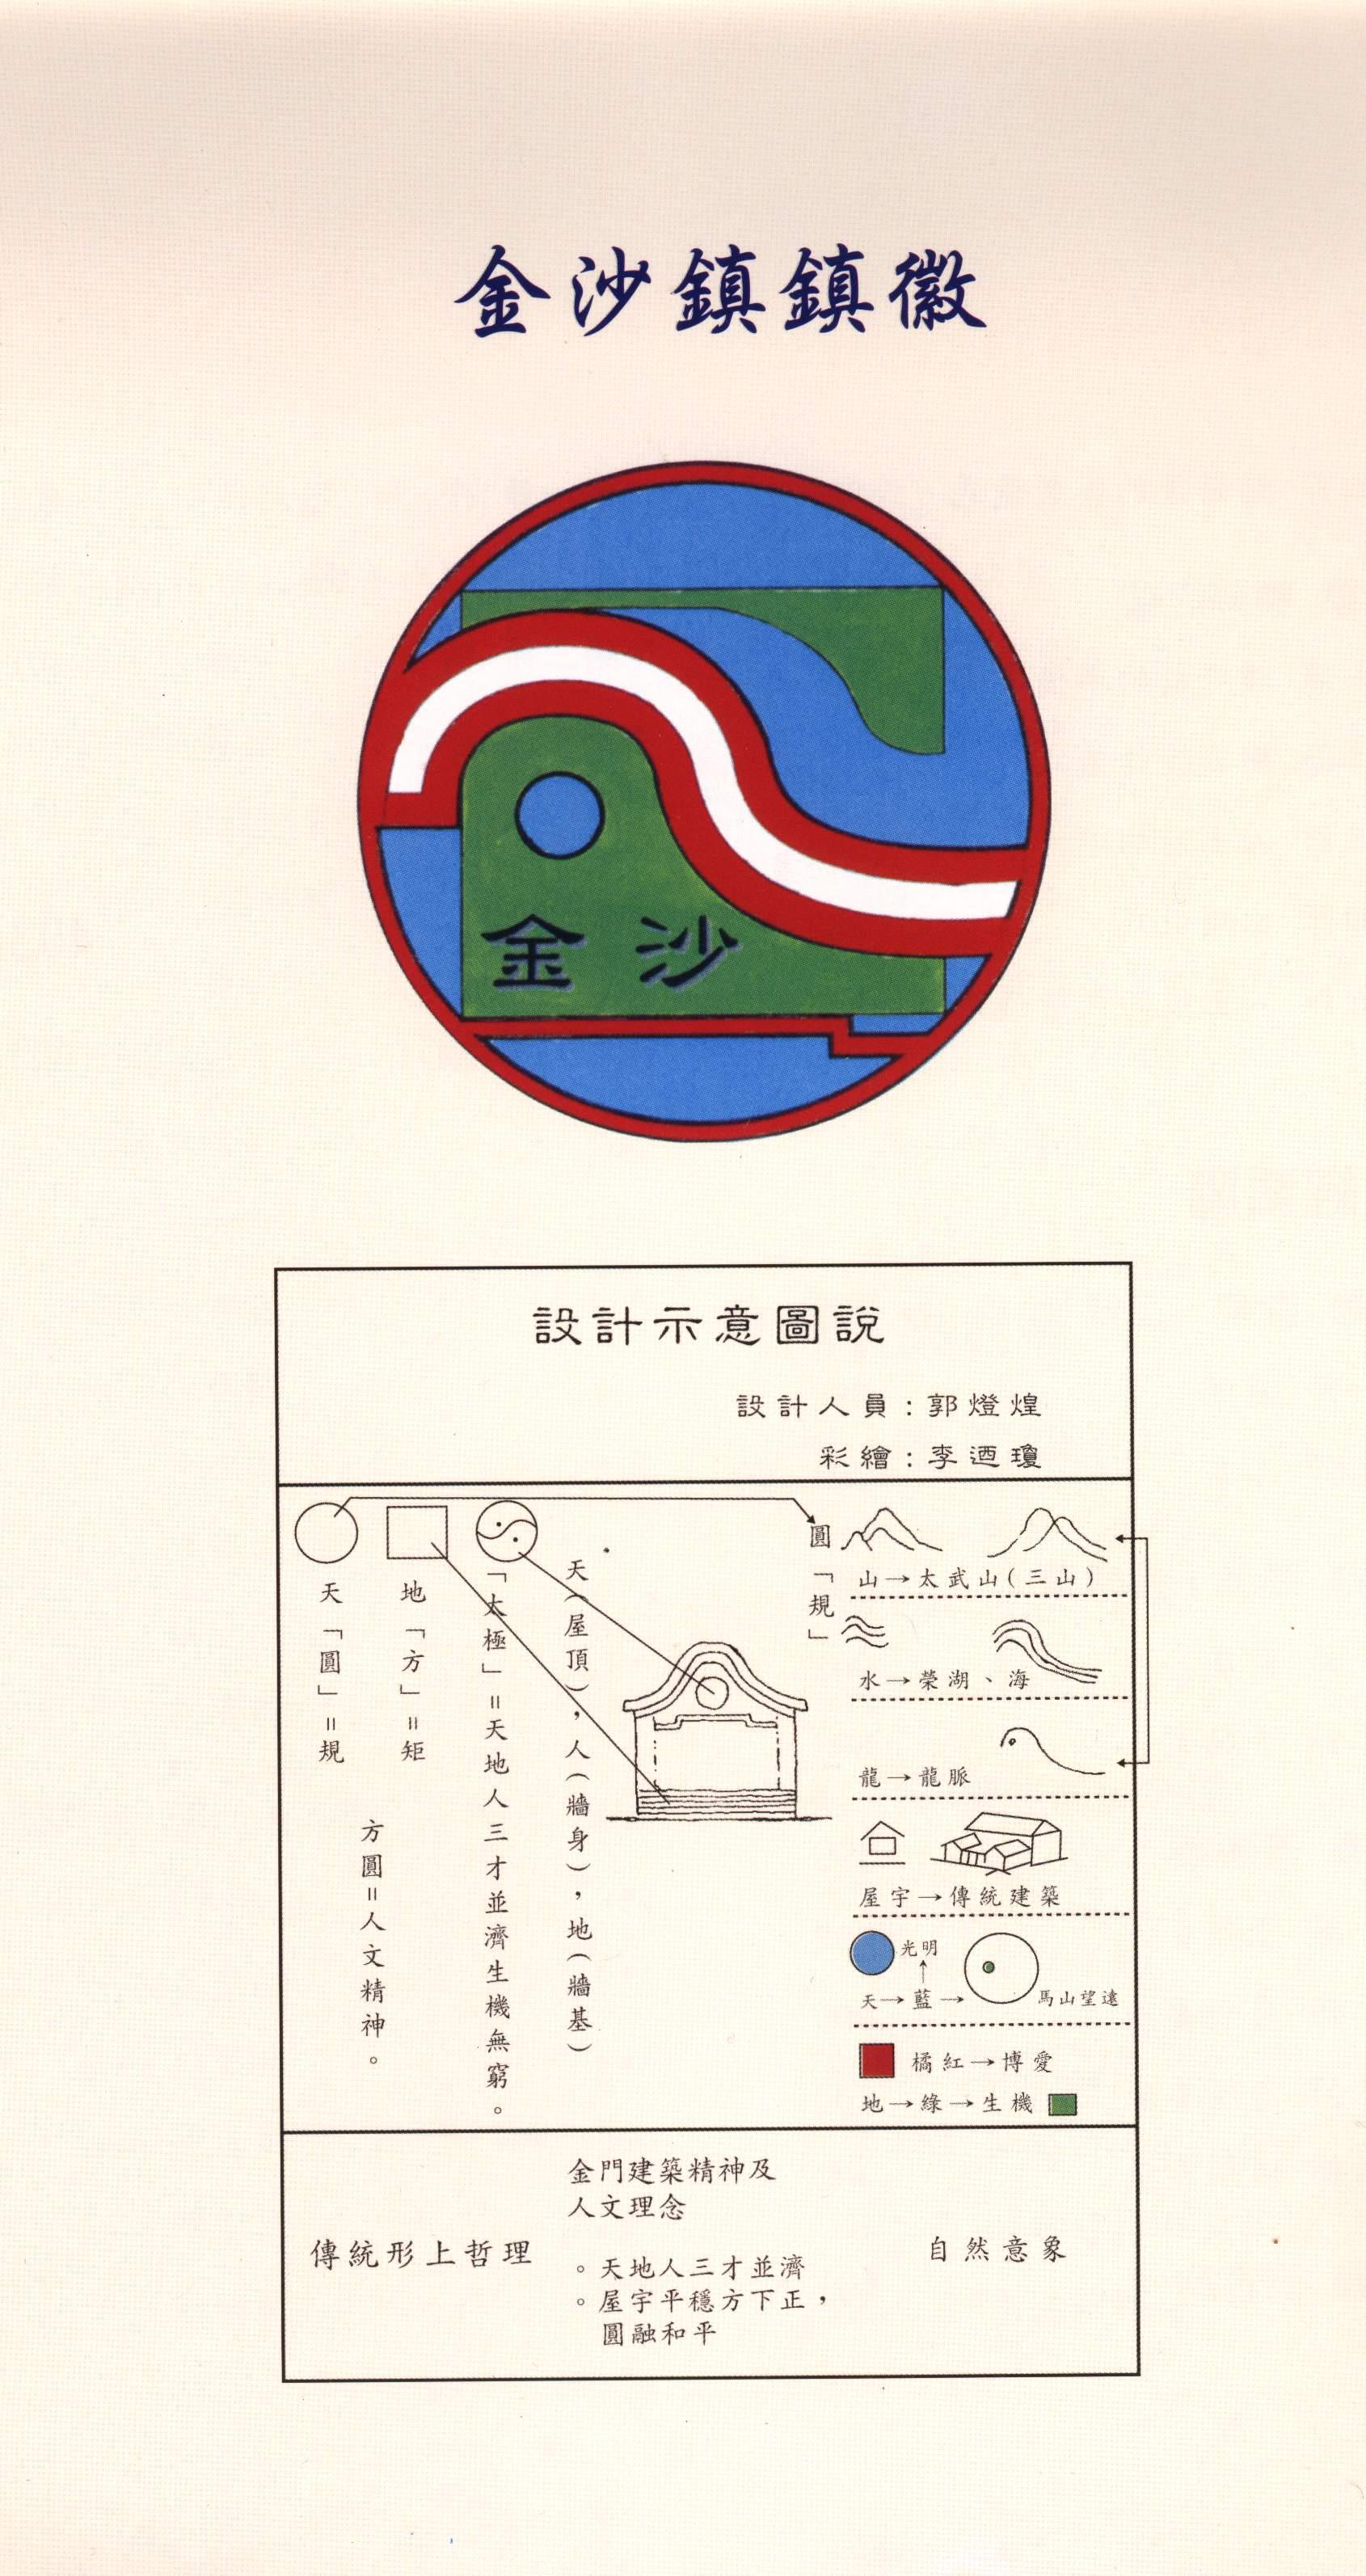 鎮徽及圖解說明